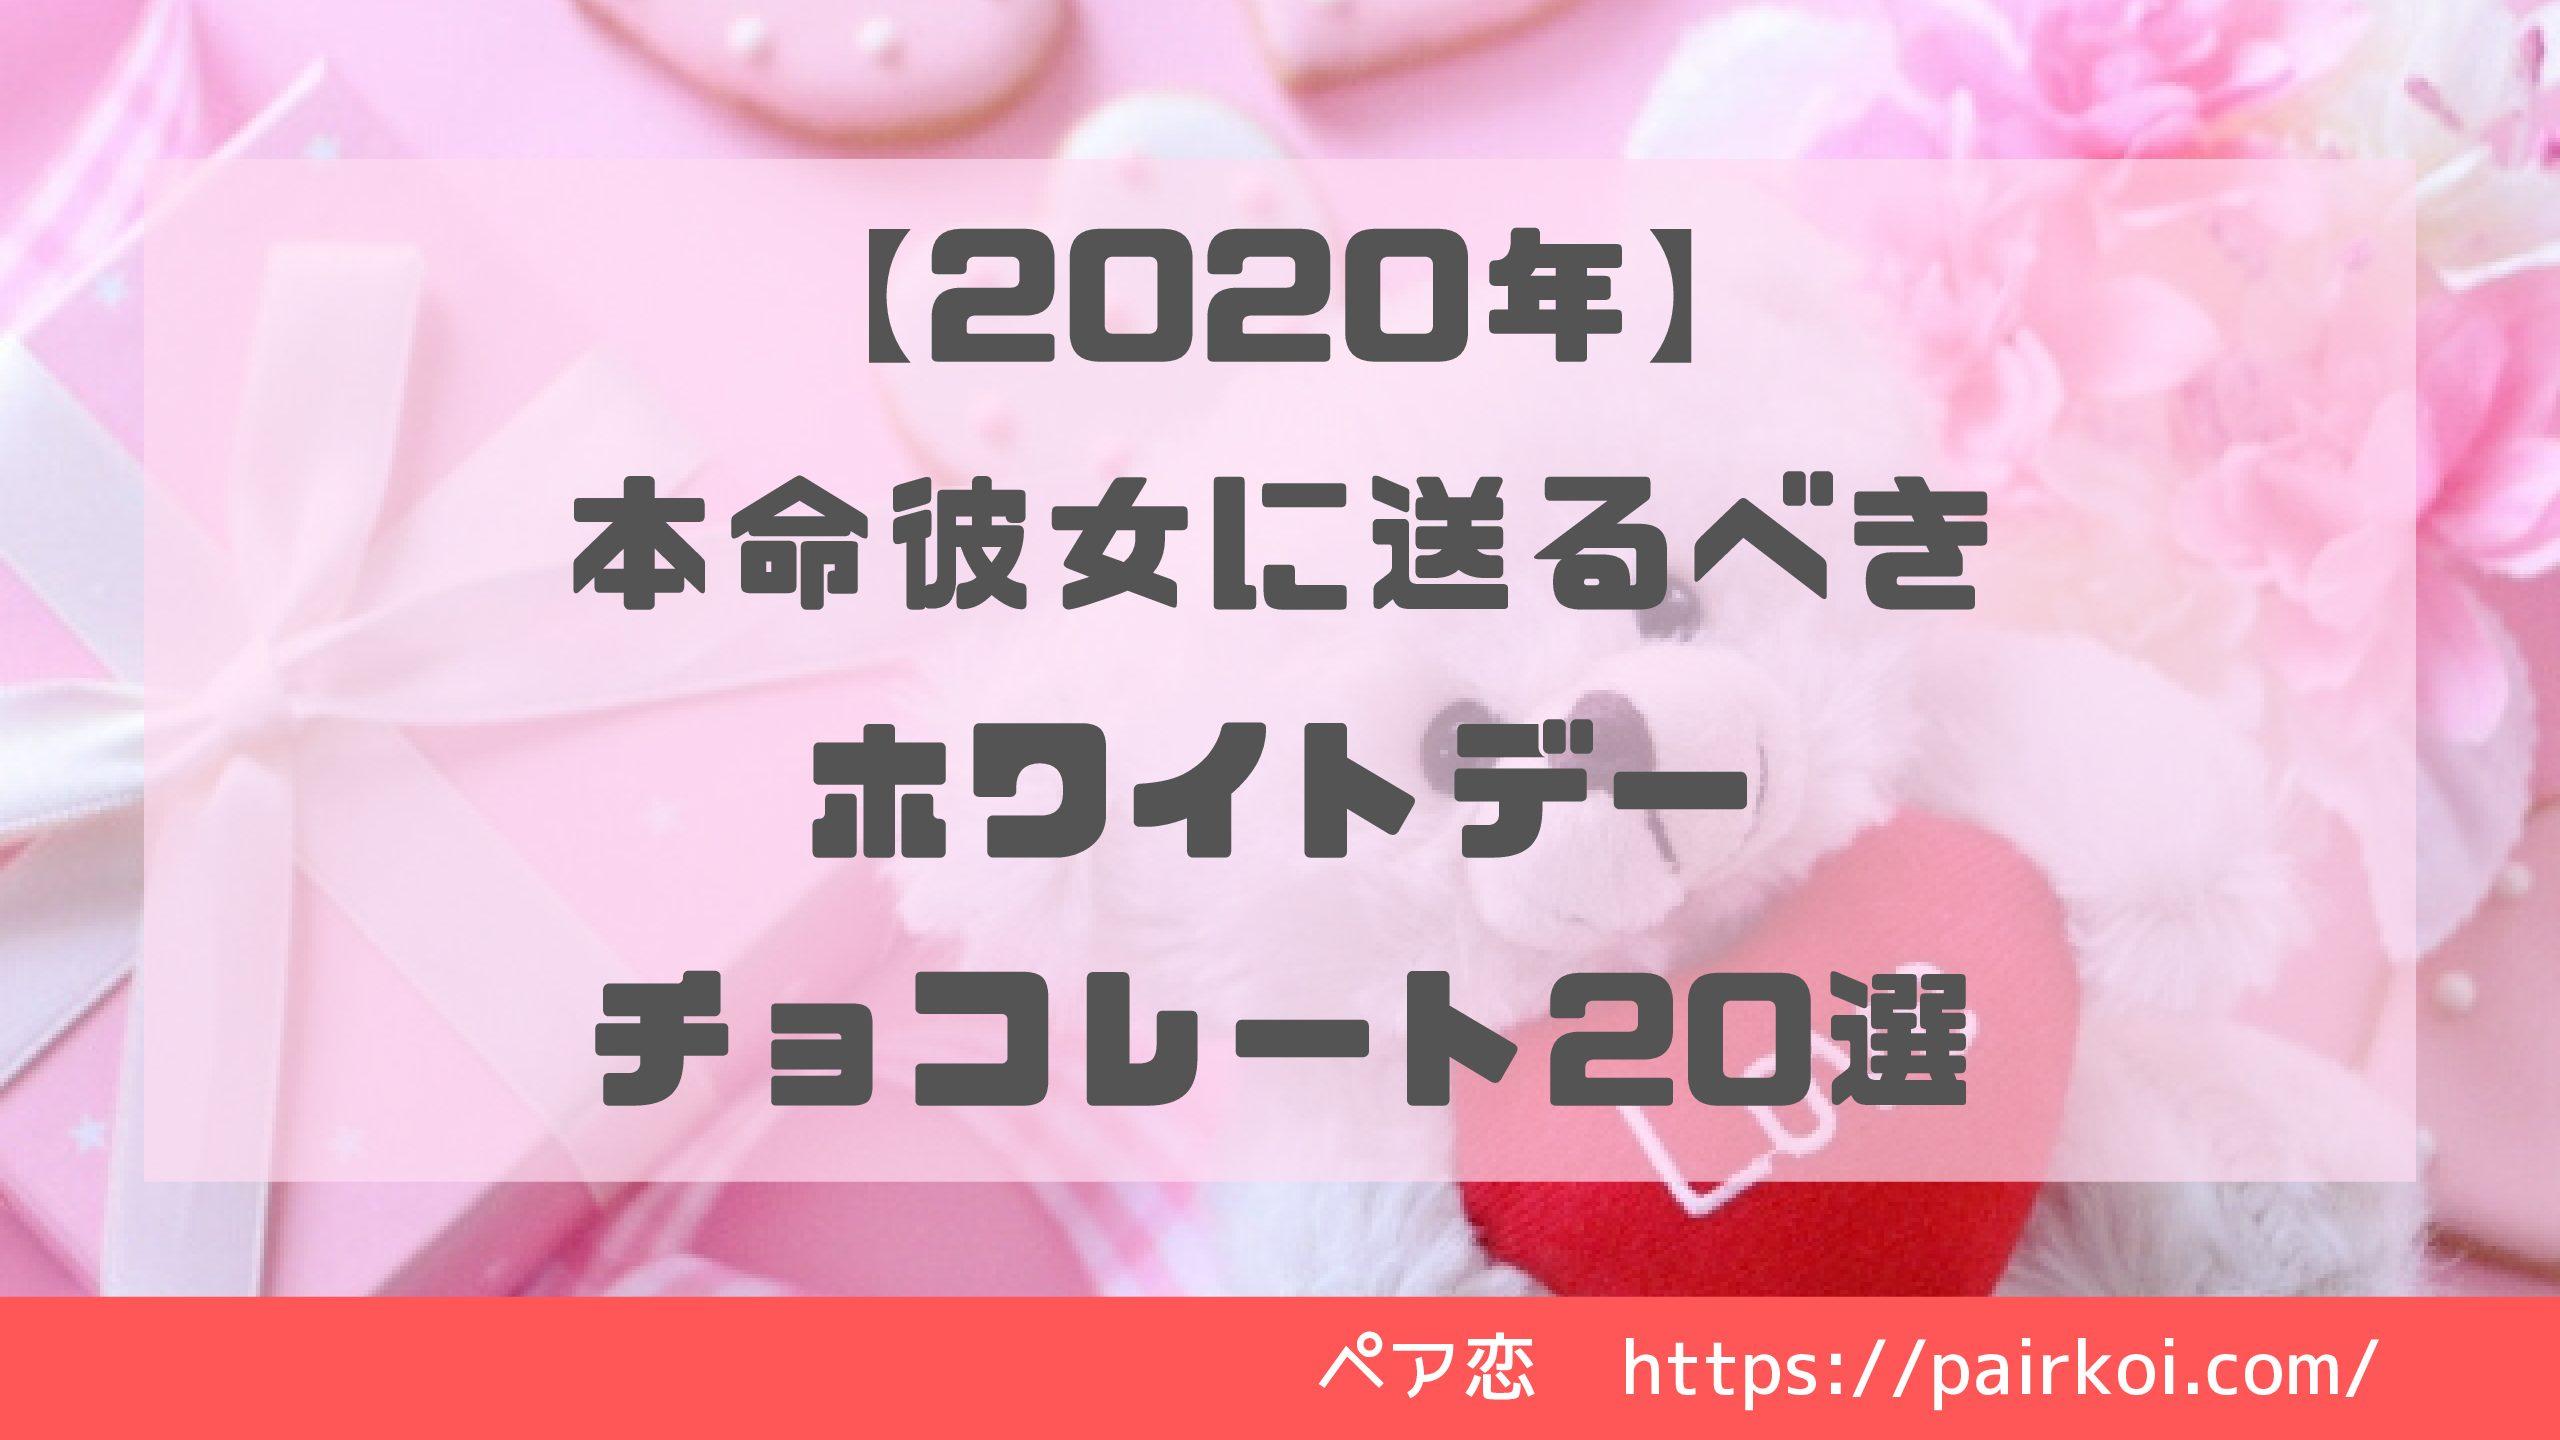 【2020年】本命彼女に送るべきホワイトデーチョコレート20選